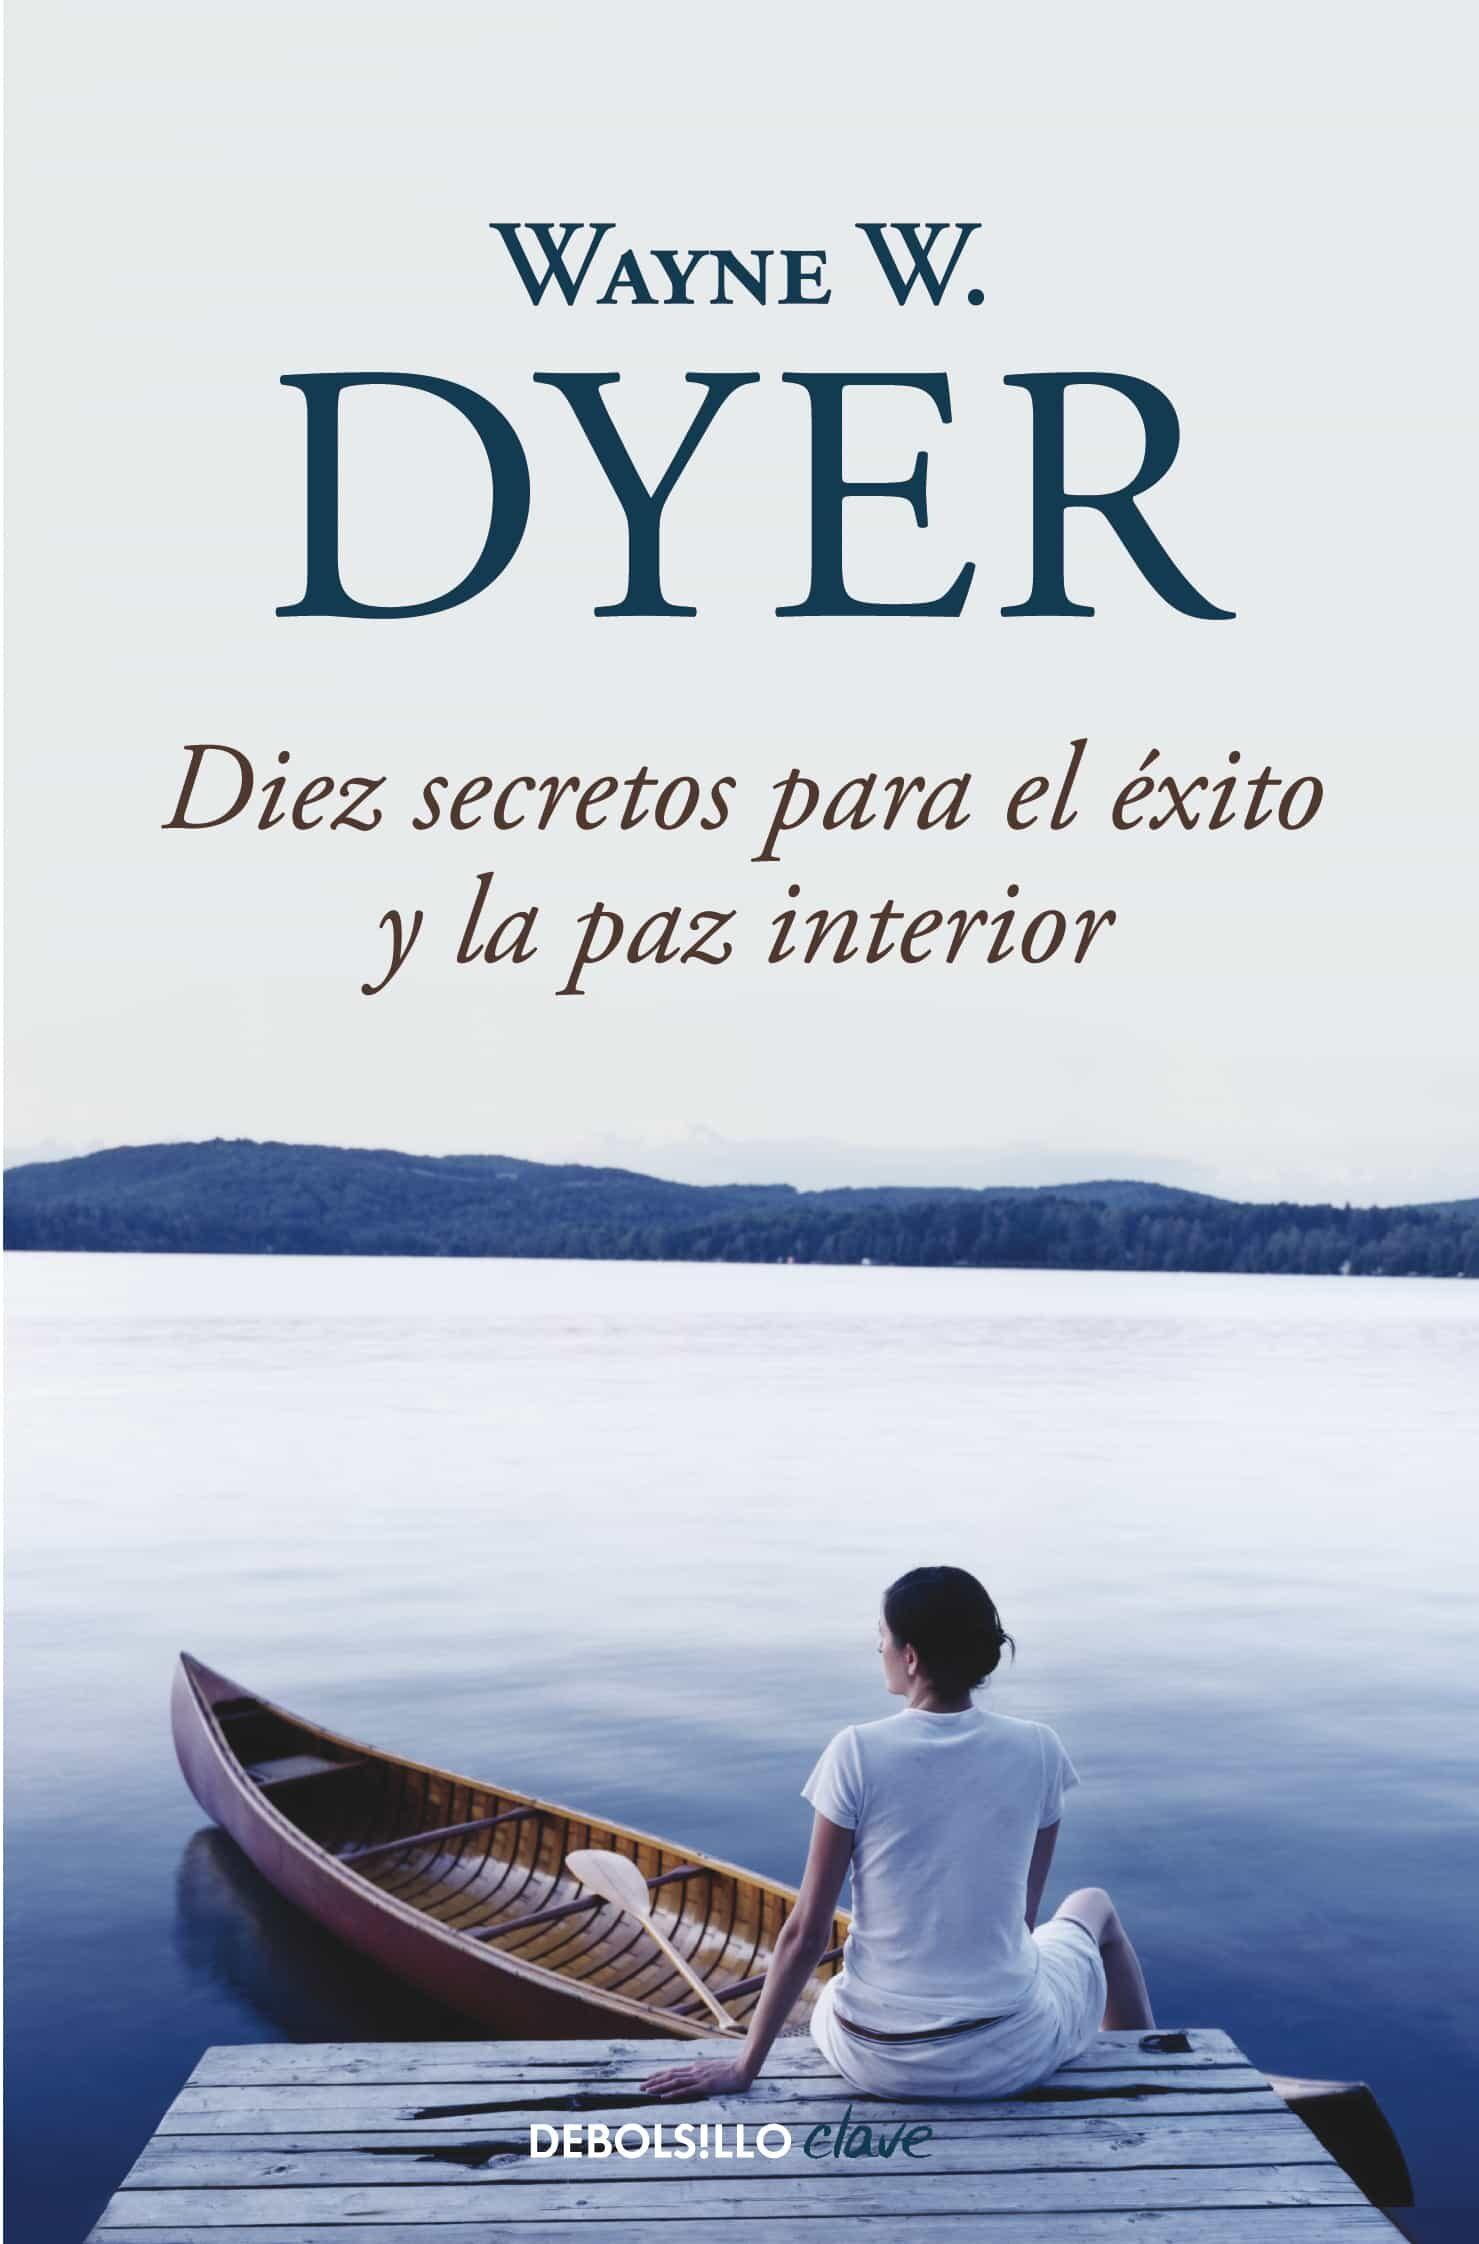 Diez Secretos Para El Exito Y La Paz Interior por Wayne W. Dyer